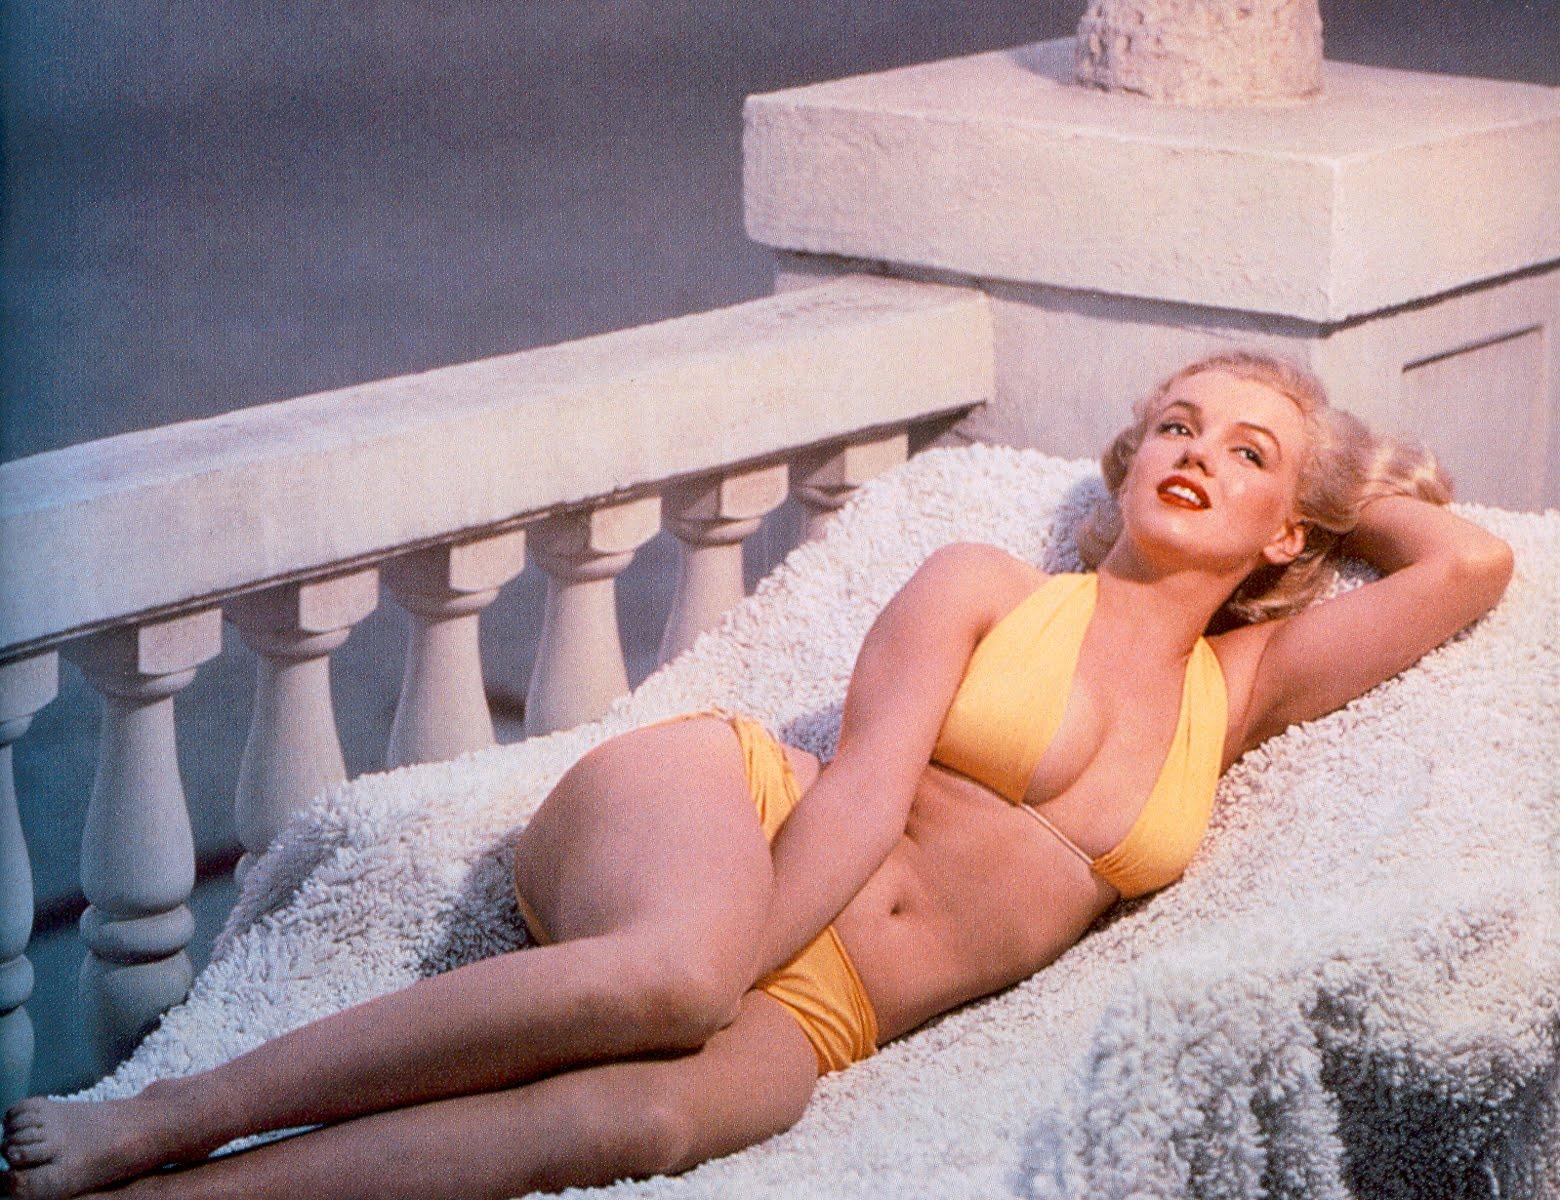 http://1.bp.blogspot.com/_5SMlnCFhaTA/THVj0ceU_8I/AAAAAAAAPGU/vUZheqKgRbs/s1600/Monroe_03_1951.jpg